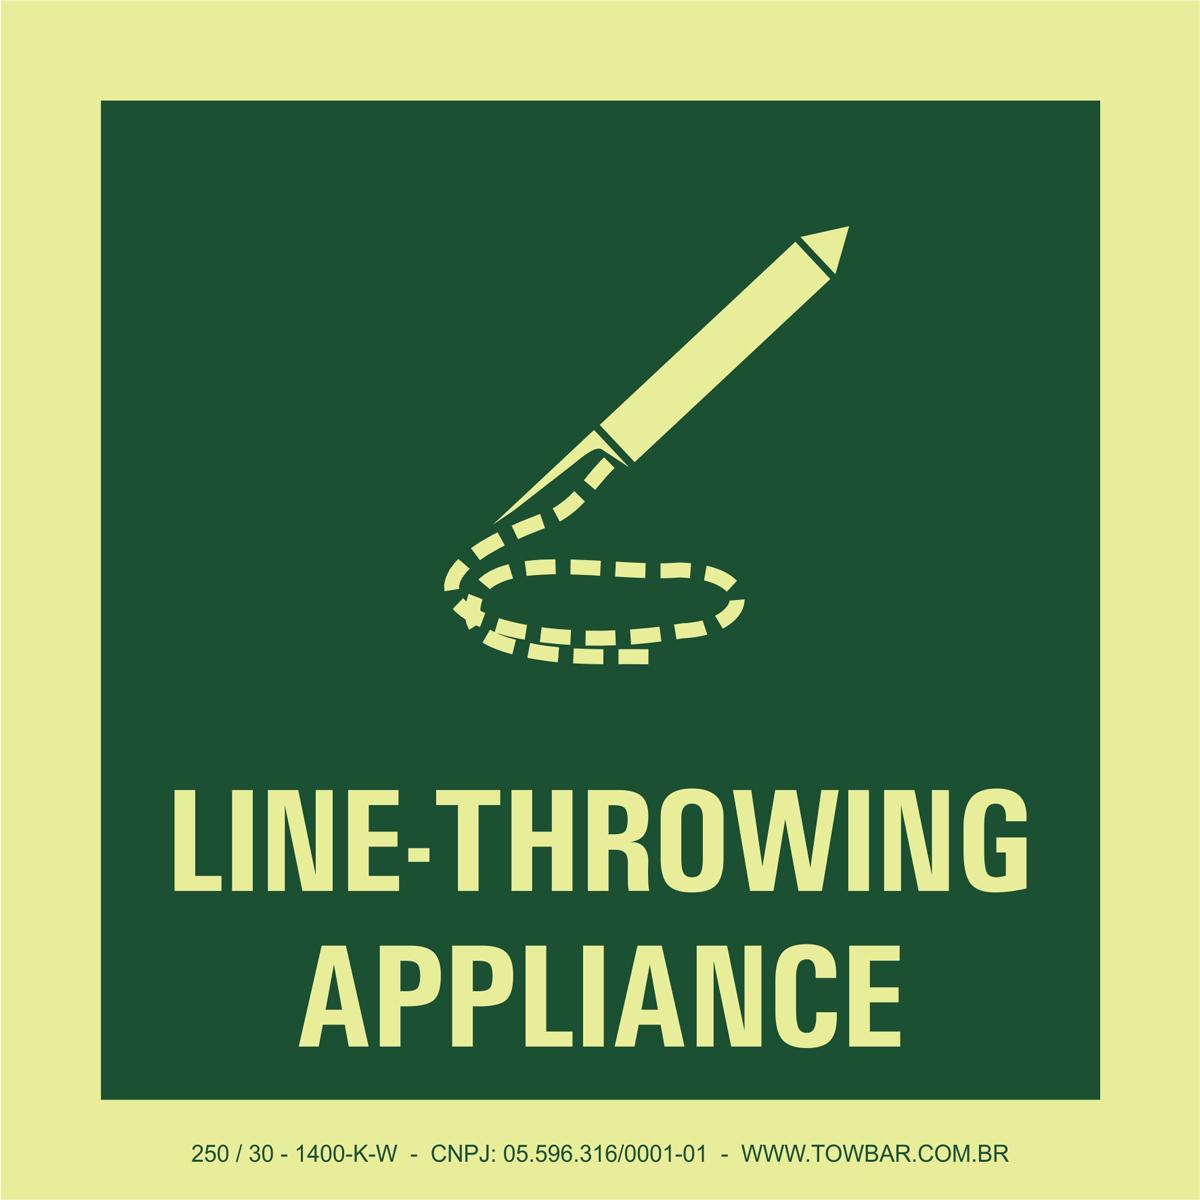 Line-Throwing Appliance  - Towbar Sinalização de Segurança